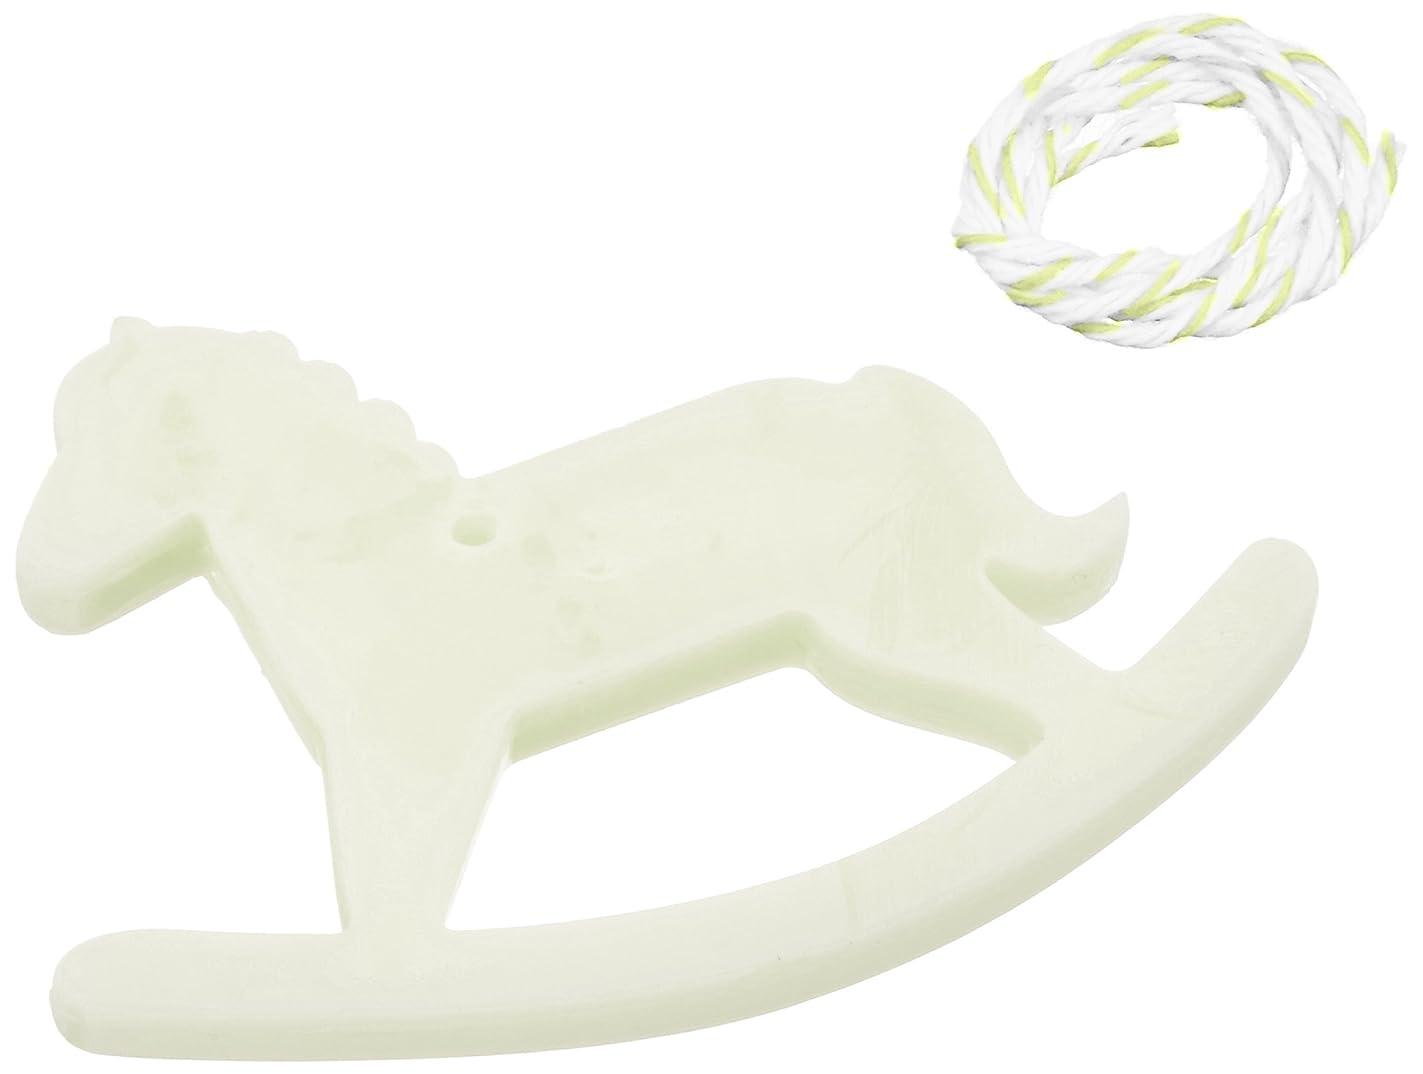 にんじん腐食するブラザーGRASSE TOKYO AROMATICWAXチャーム「木馬」(GR) レモングラス アロマティックワックス グラーストウキョウ